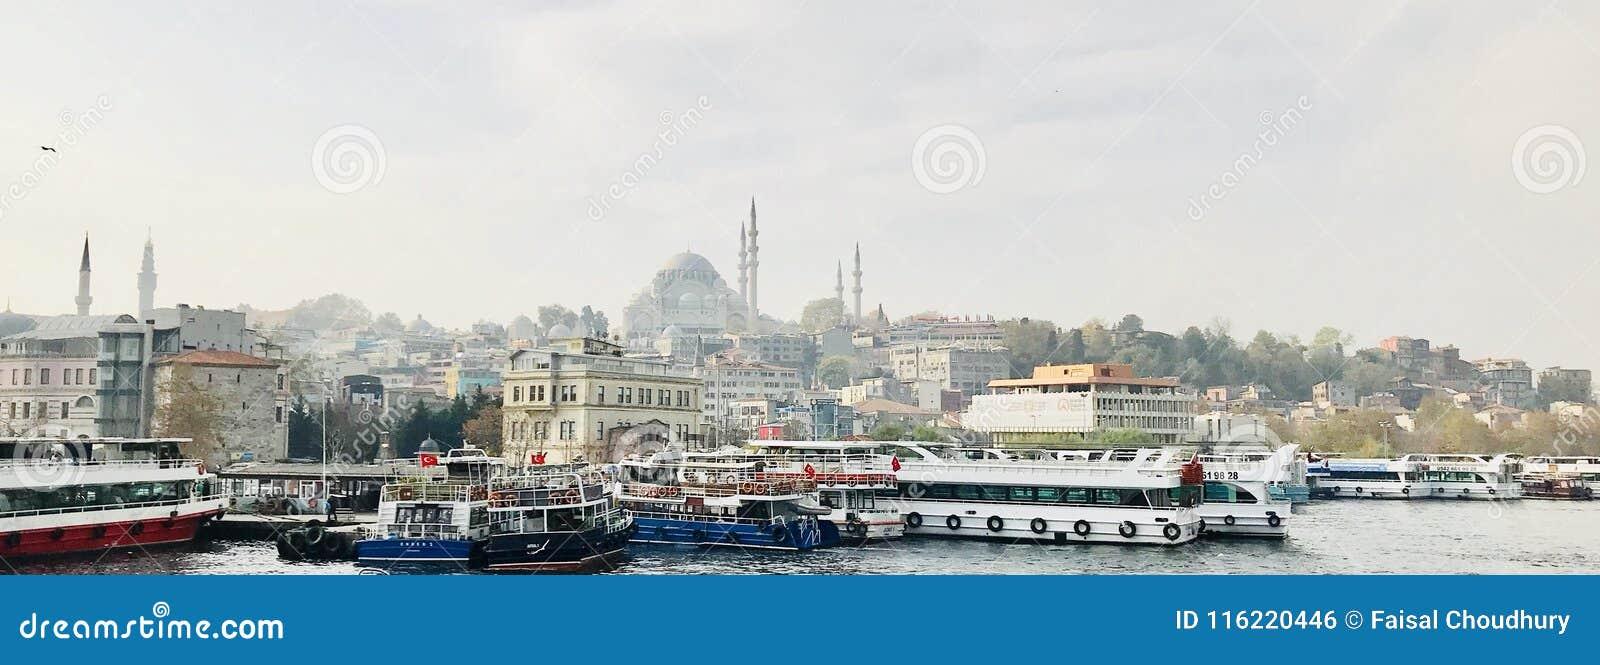 Vecchio orizzonte della città - Costantinopoli, Turchia